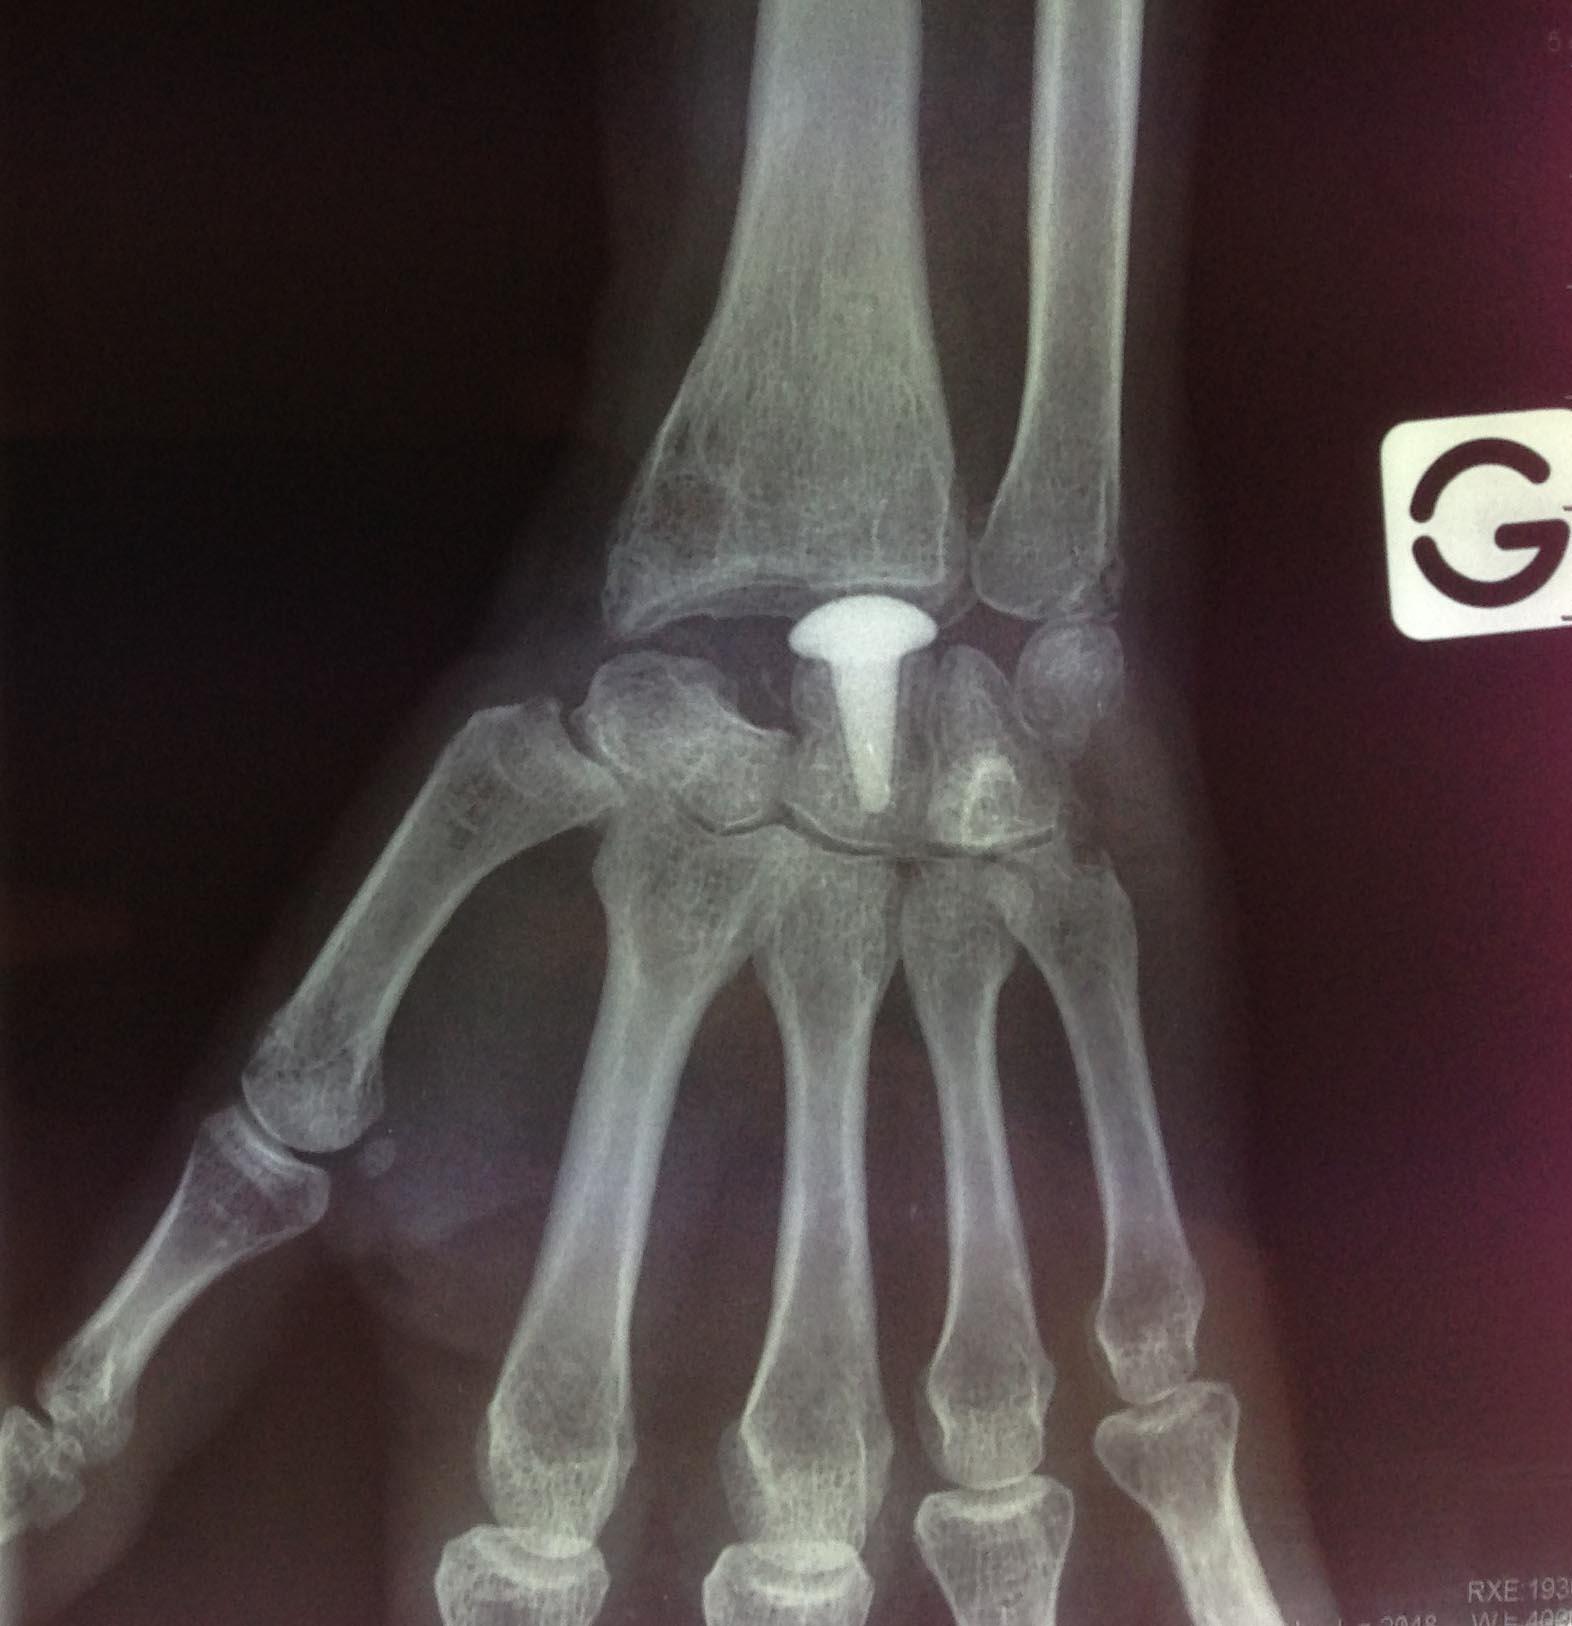 Radiographie de face montrant une résection de la première rangée des os du carpe avec implant en pyrocarbone.